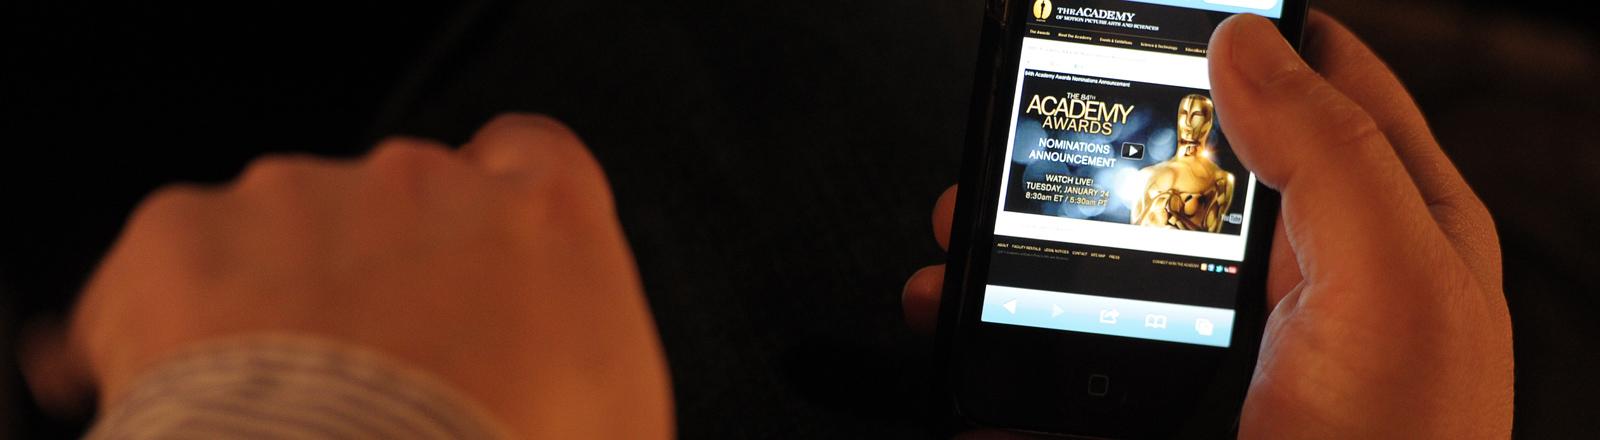 Mann hält ein Smartphone und ruft die Seite der Oscar-Nominierungen auf.